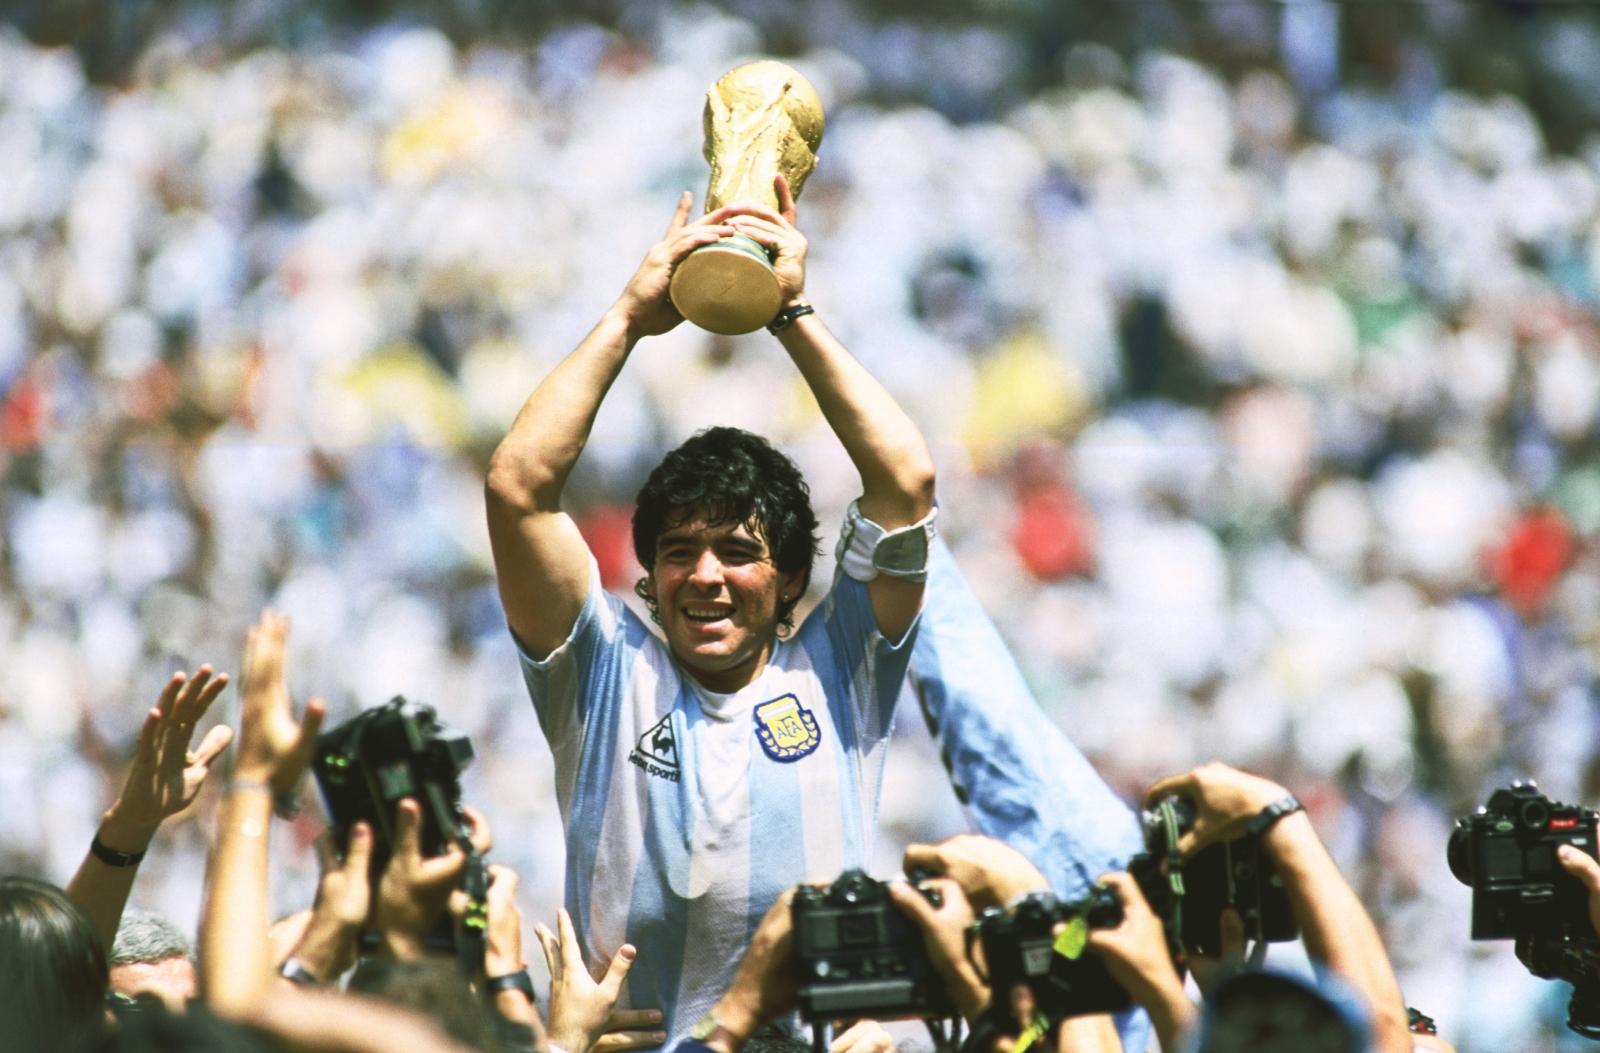 Eternas gracias! Eterno Diego!